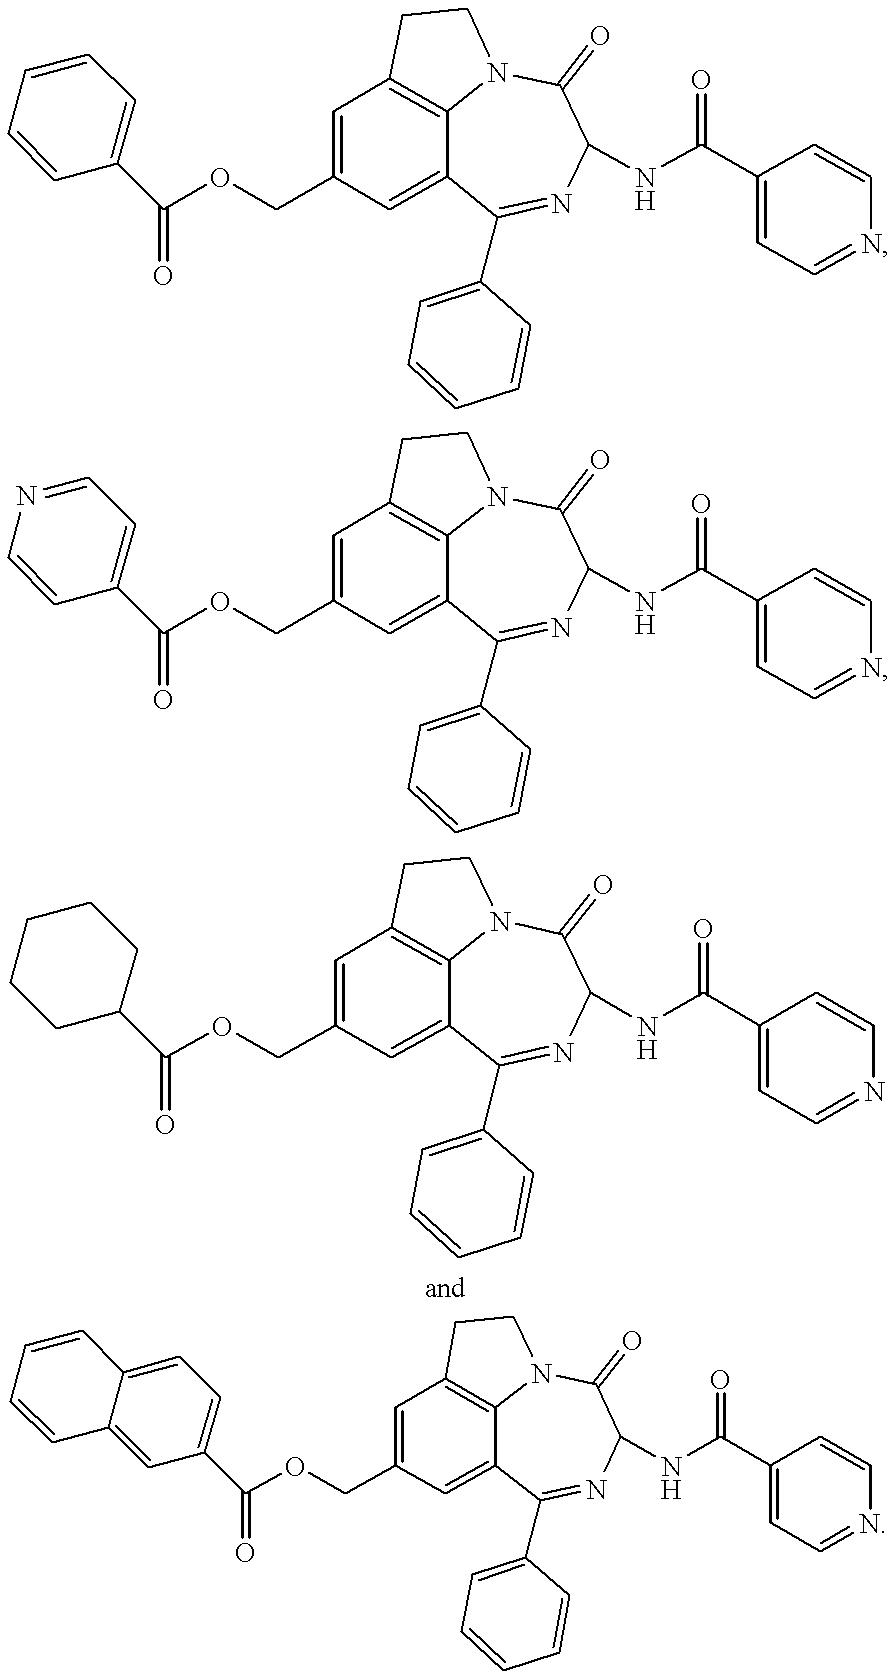 Figure US06365585-20020402-C00009